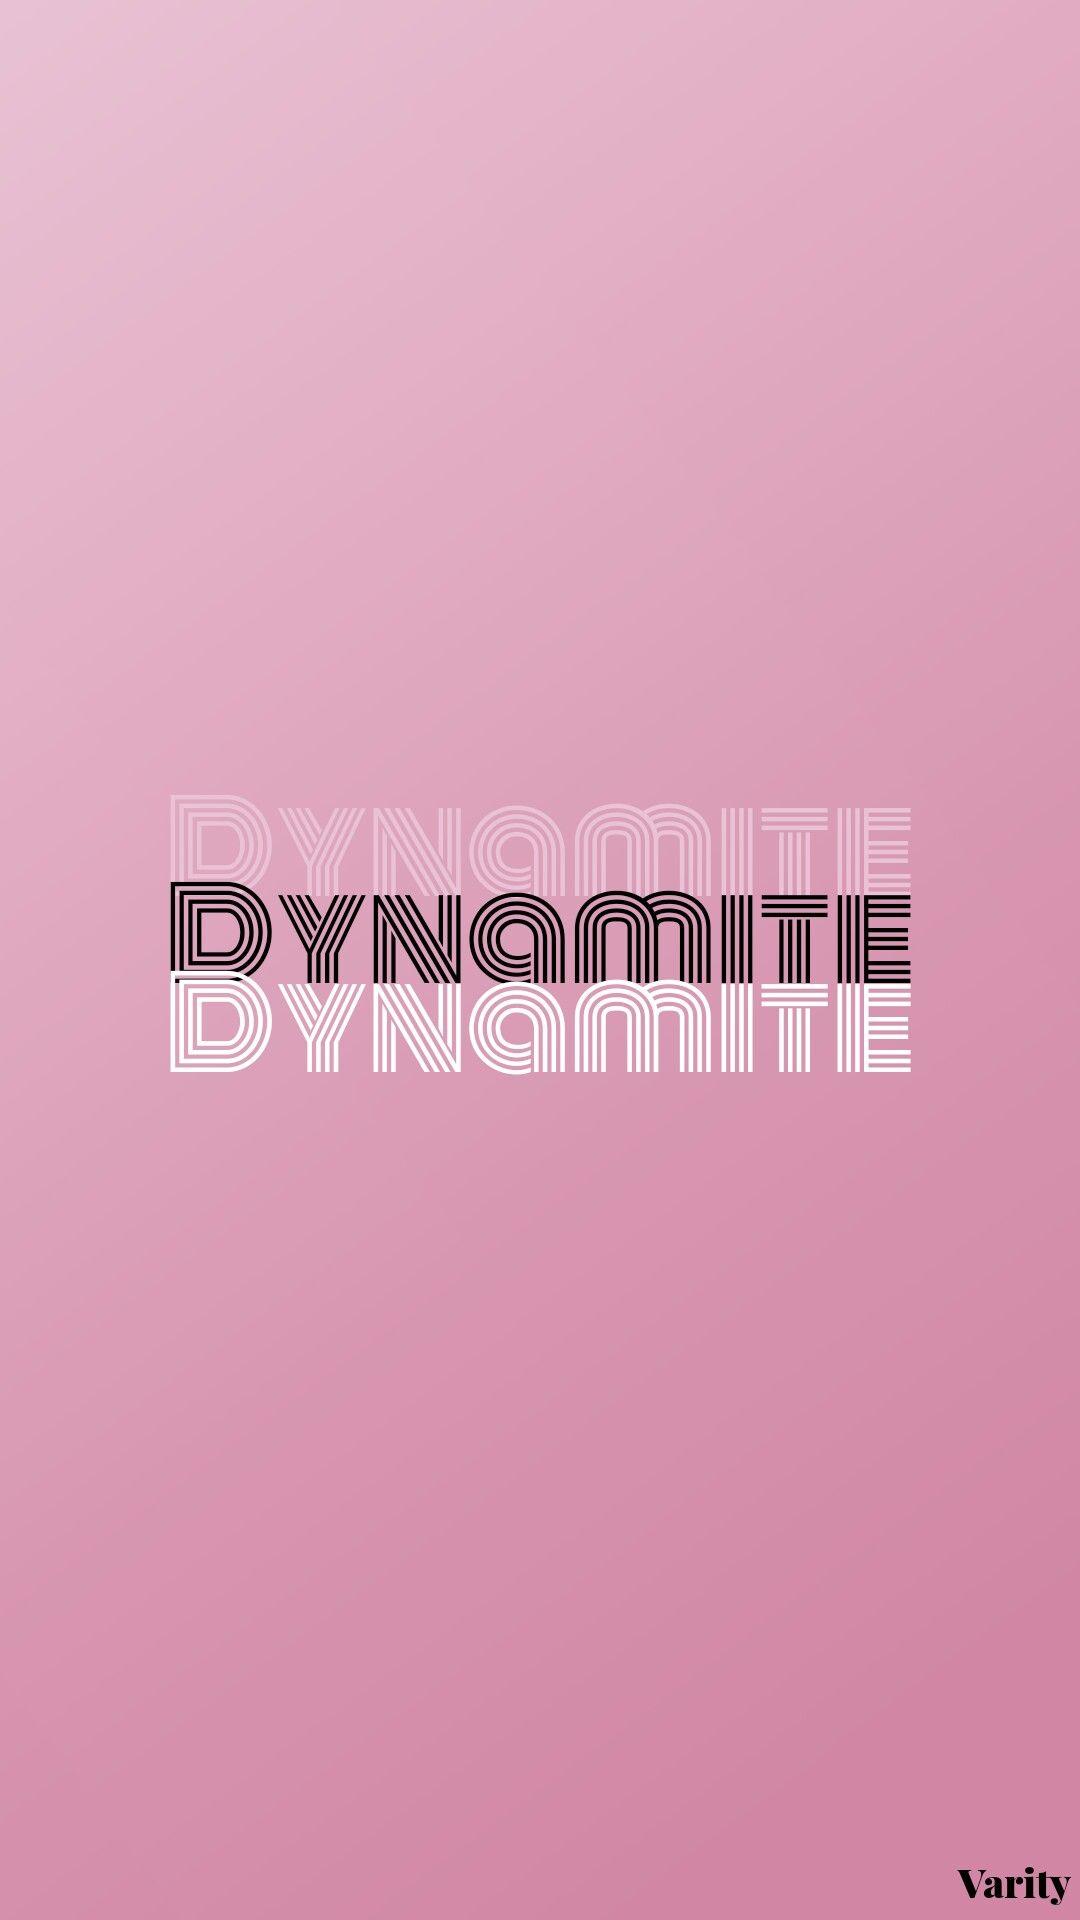 Dynamite Bts In 2021 Bts Wallpaper Bts Wallpaper Lyrics Cute Wallpaper Backgrounds Bts wallpaper 2021 pink